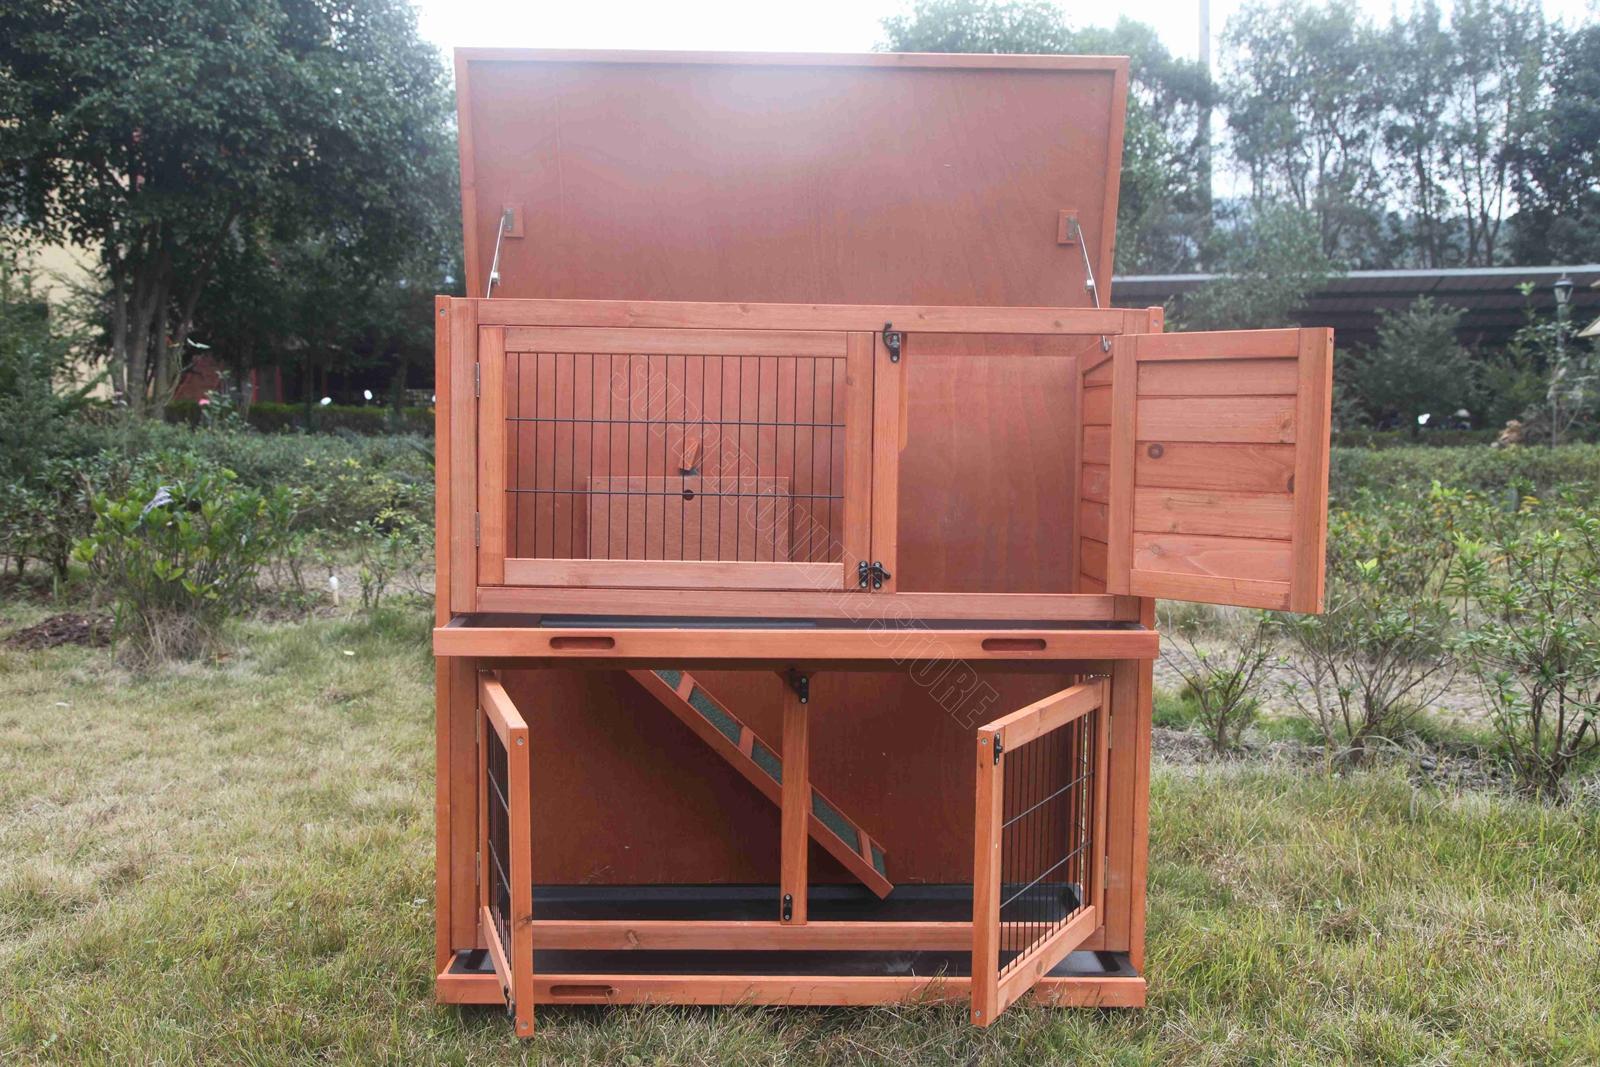 2 Storey Rabbit Hutch Chicken Coop Guinea Pig Ferret Cage